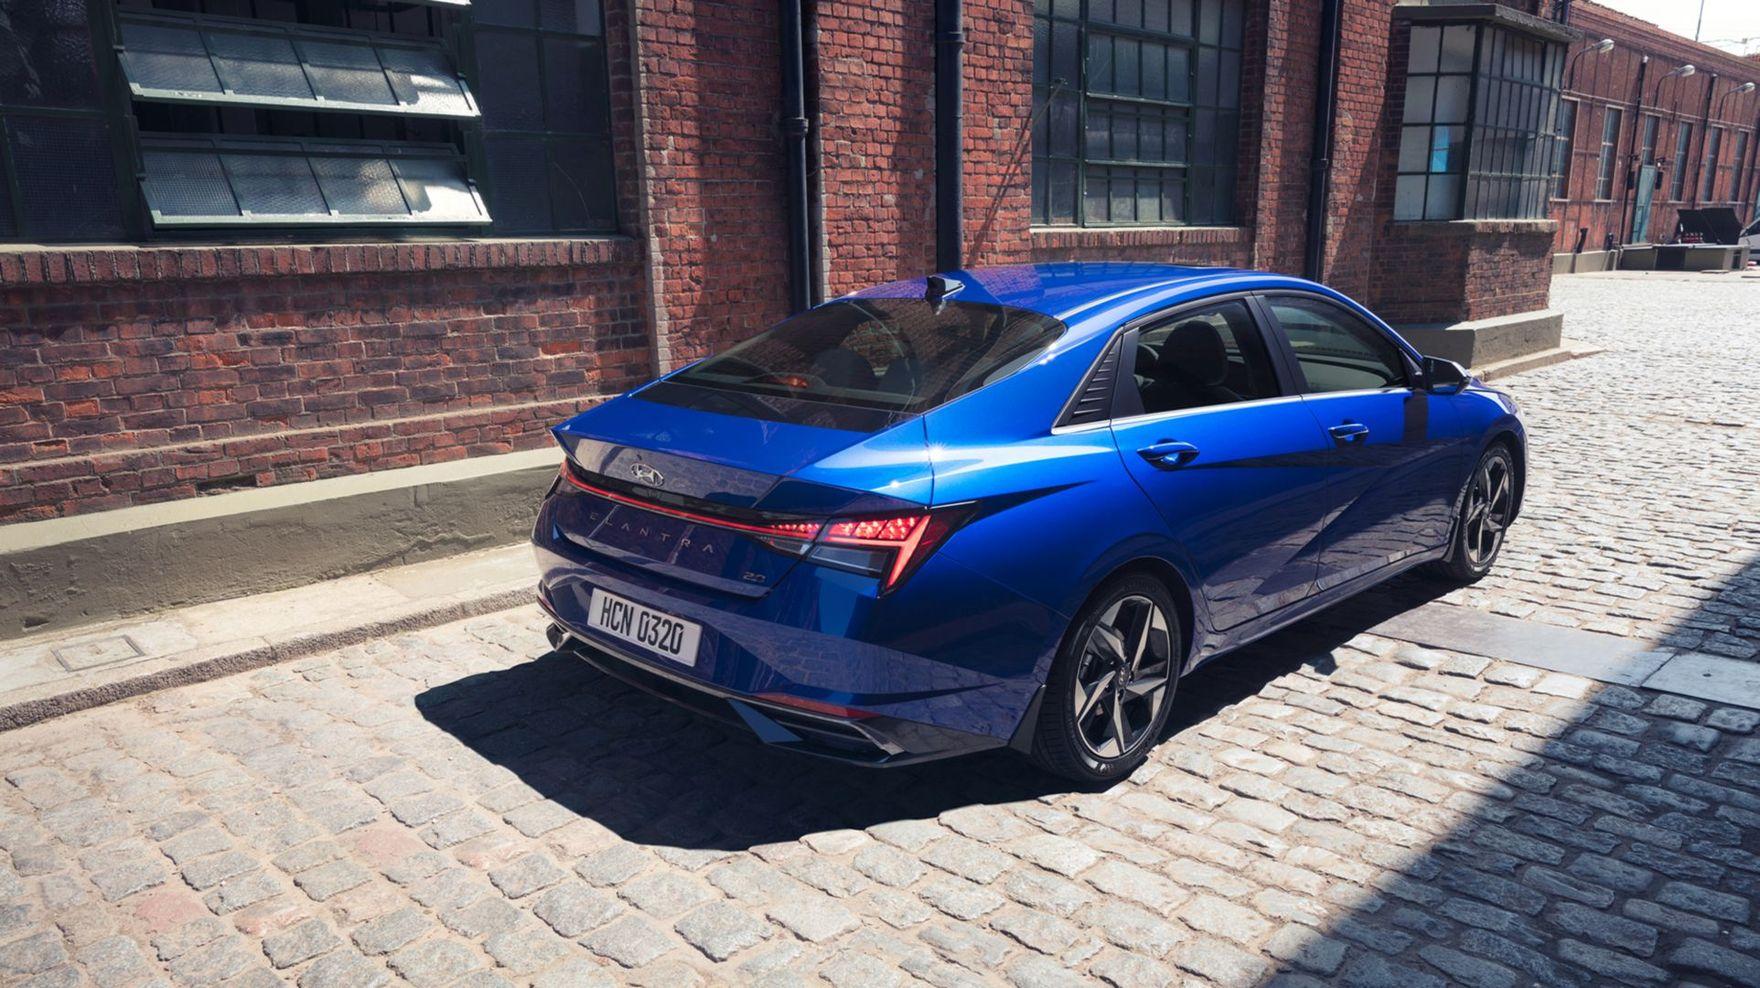 Efektowny sedan pełen sprawdzonych rozwiązań. Nowy Hyundai Elantra zaskakuje